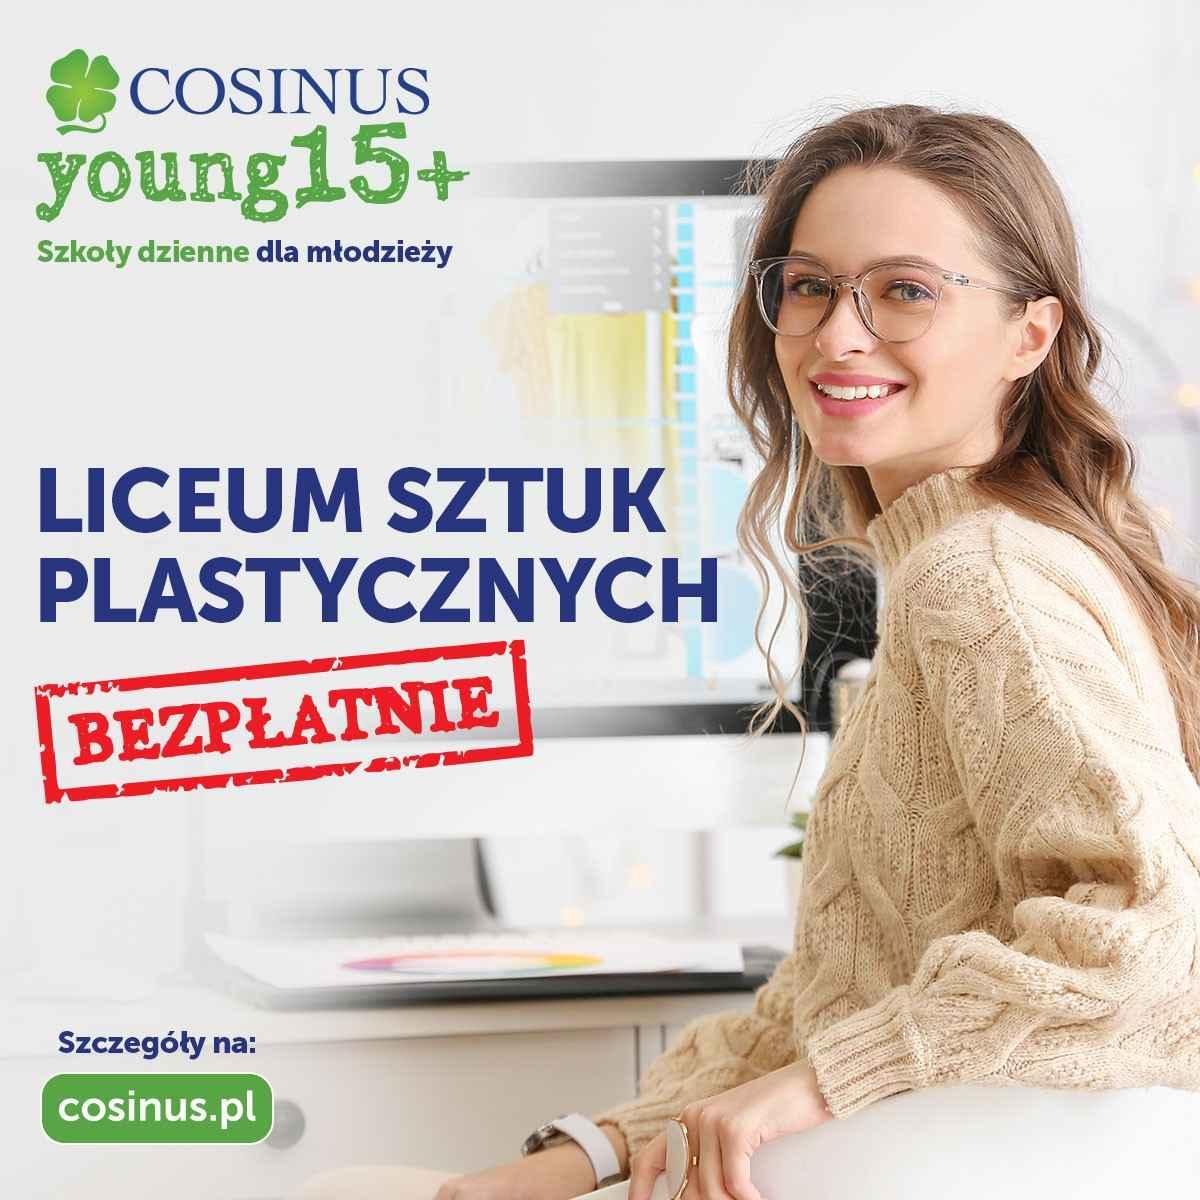 Liceum Sztuk Plastycznych Cosinus w Warszawie Wola - zdjęcie 1